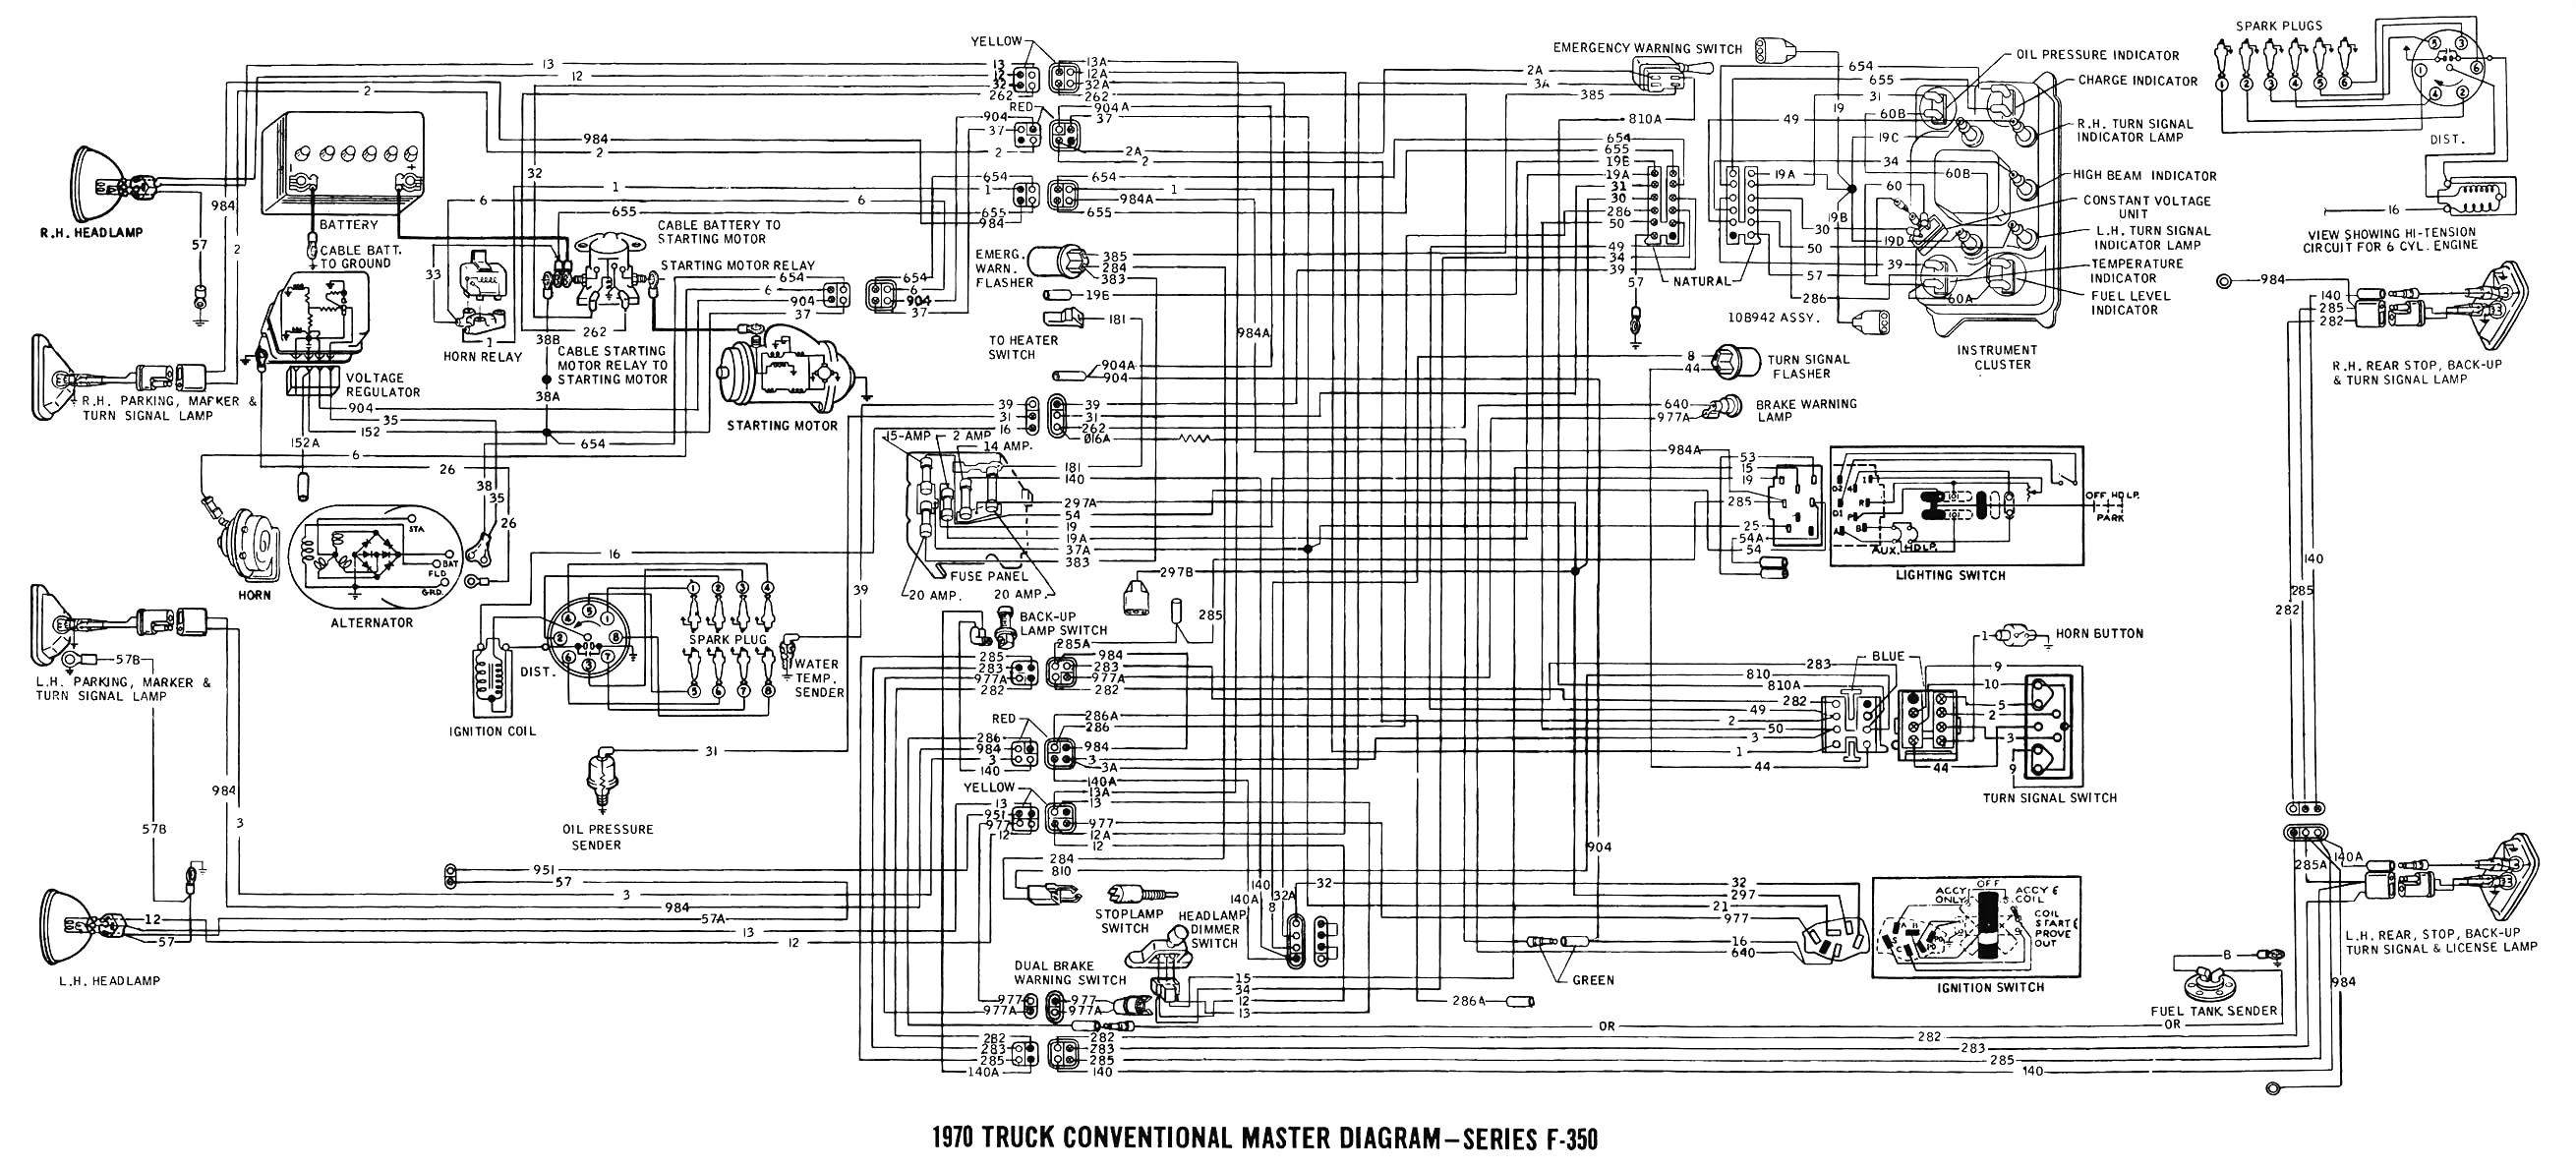 1995 ford aerostar engine diagram online manuual of wiring diagram 1996 ford bronco engine diagram